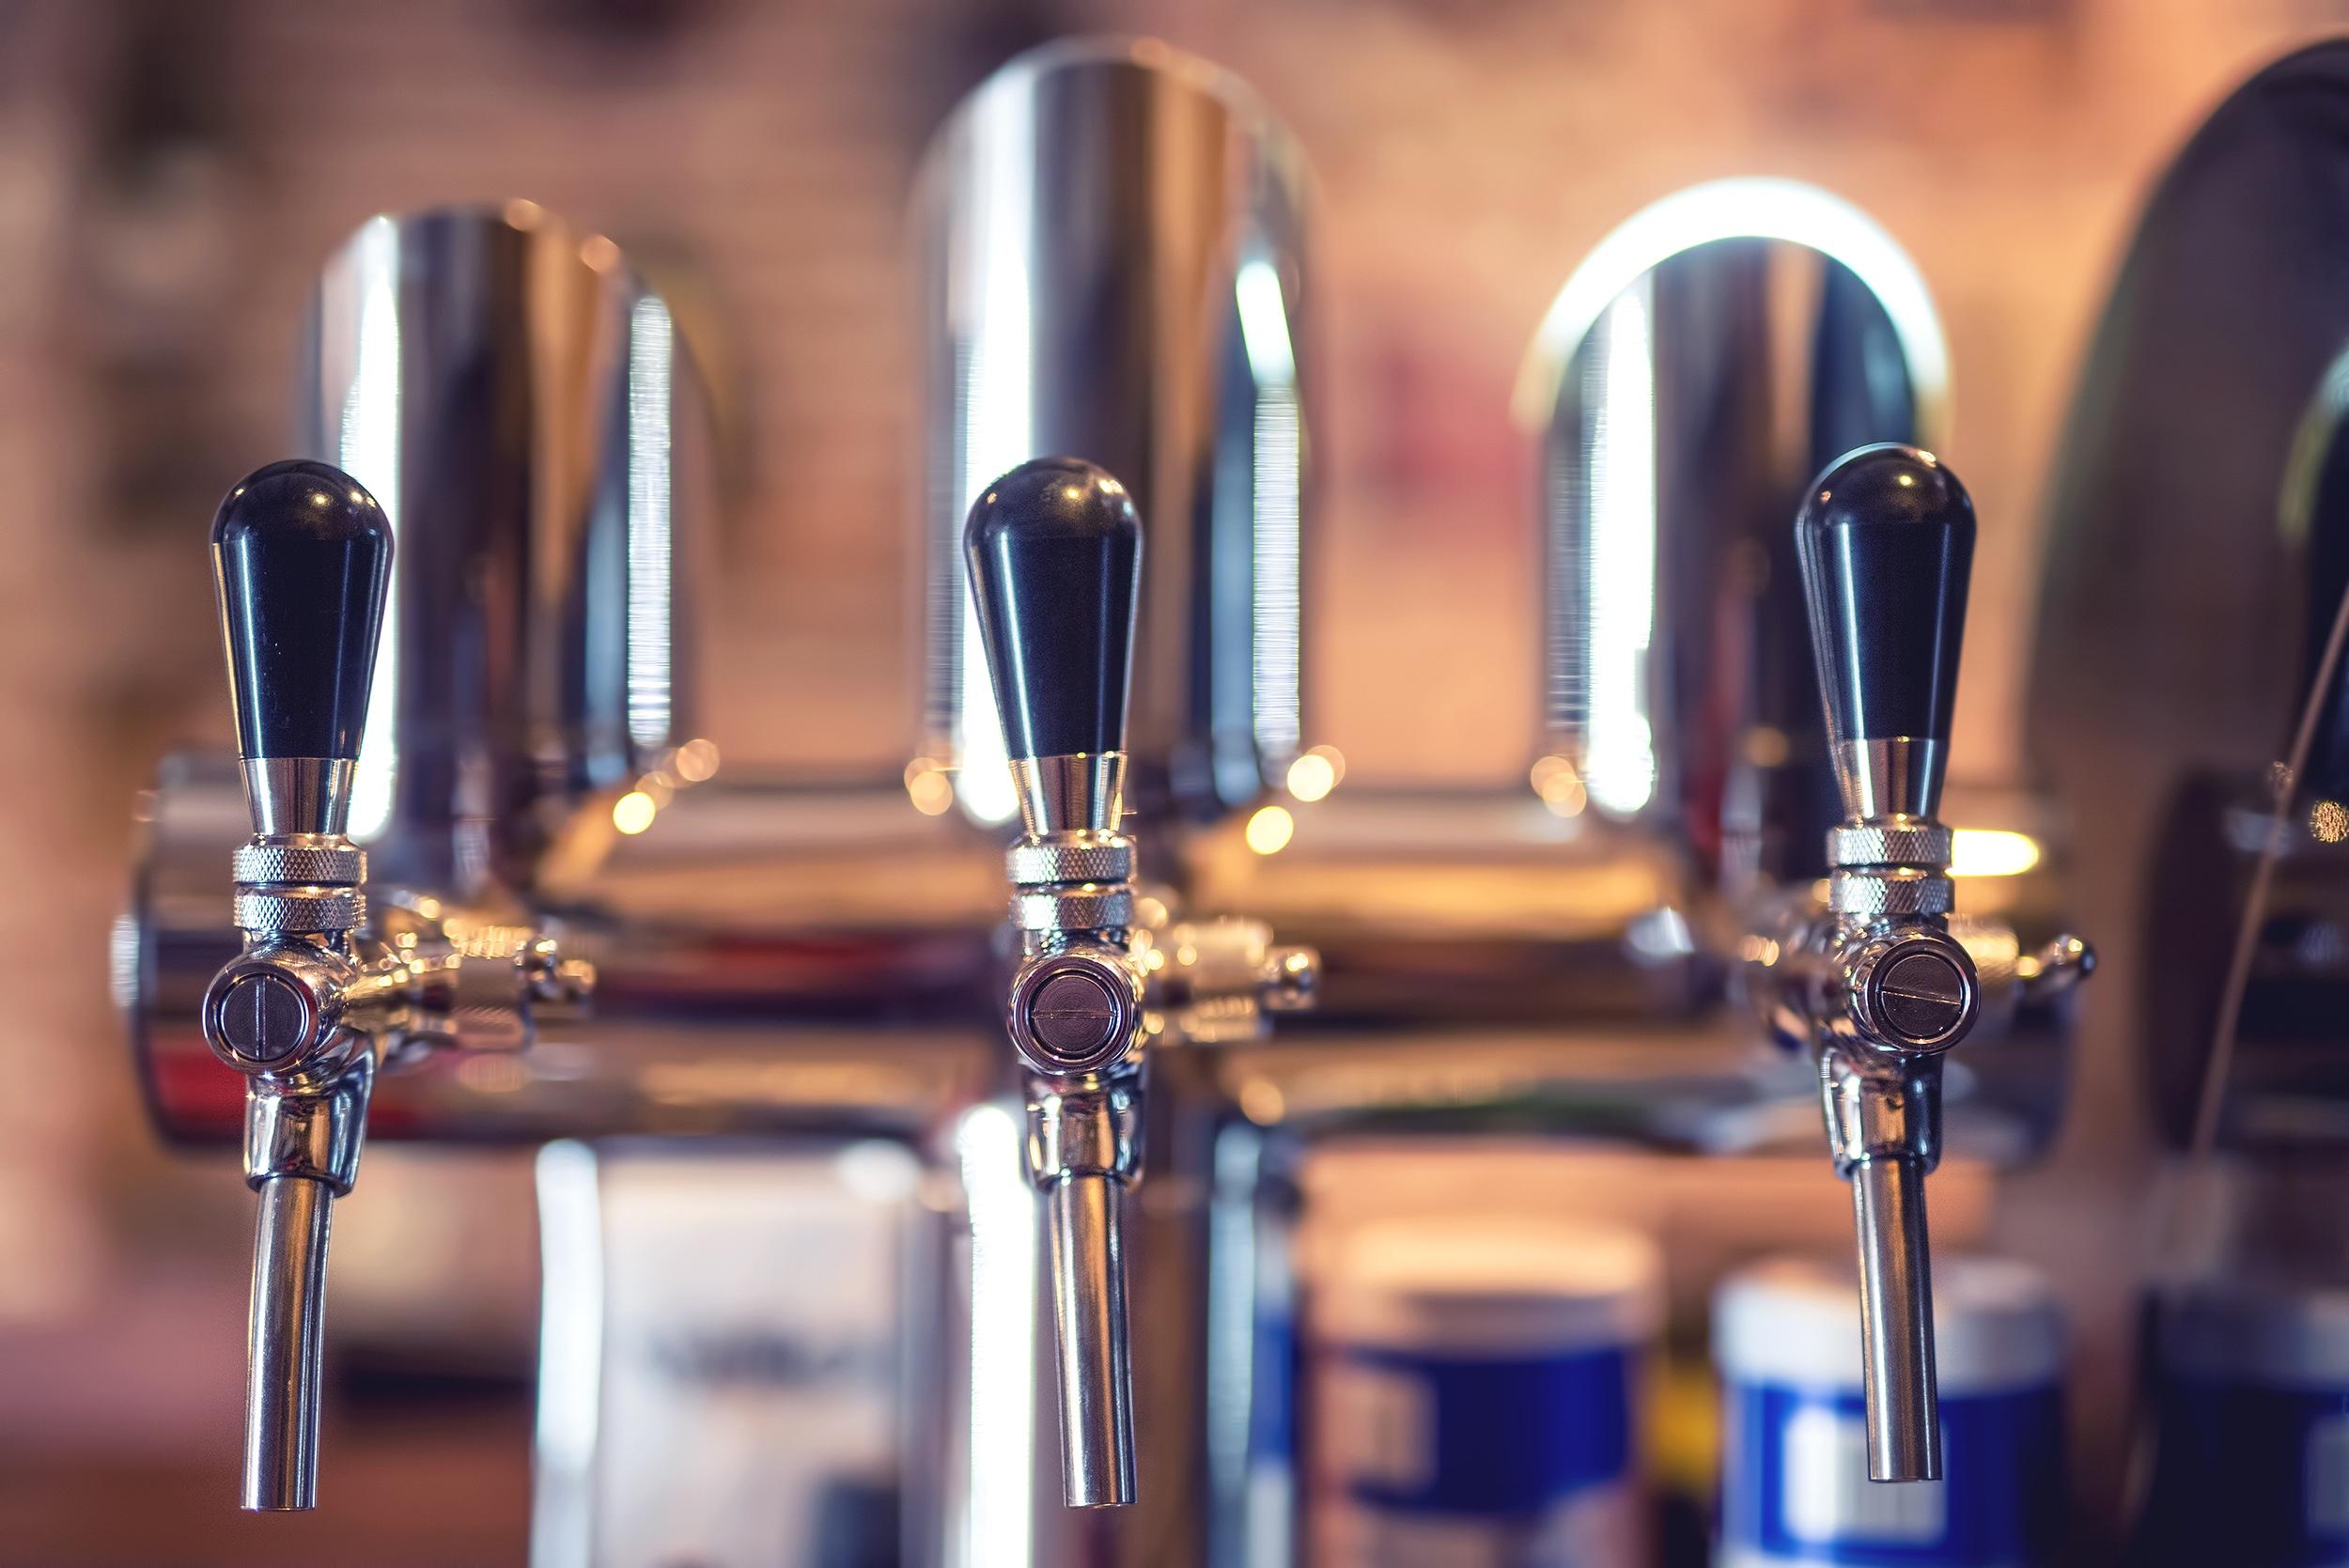 bigstock-Beer-Tap-At-Restaurant-Bar-Or-115331057-2.jpg